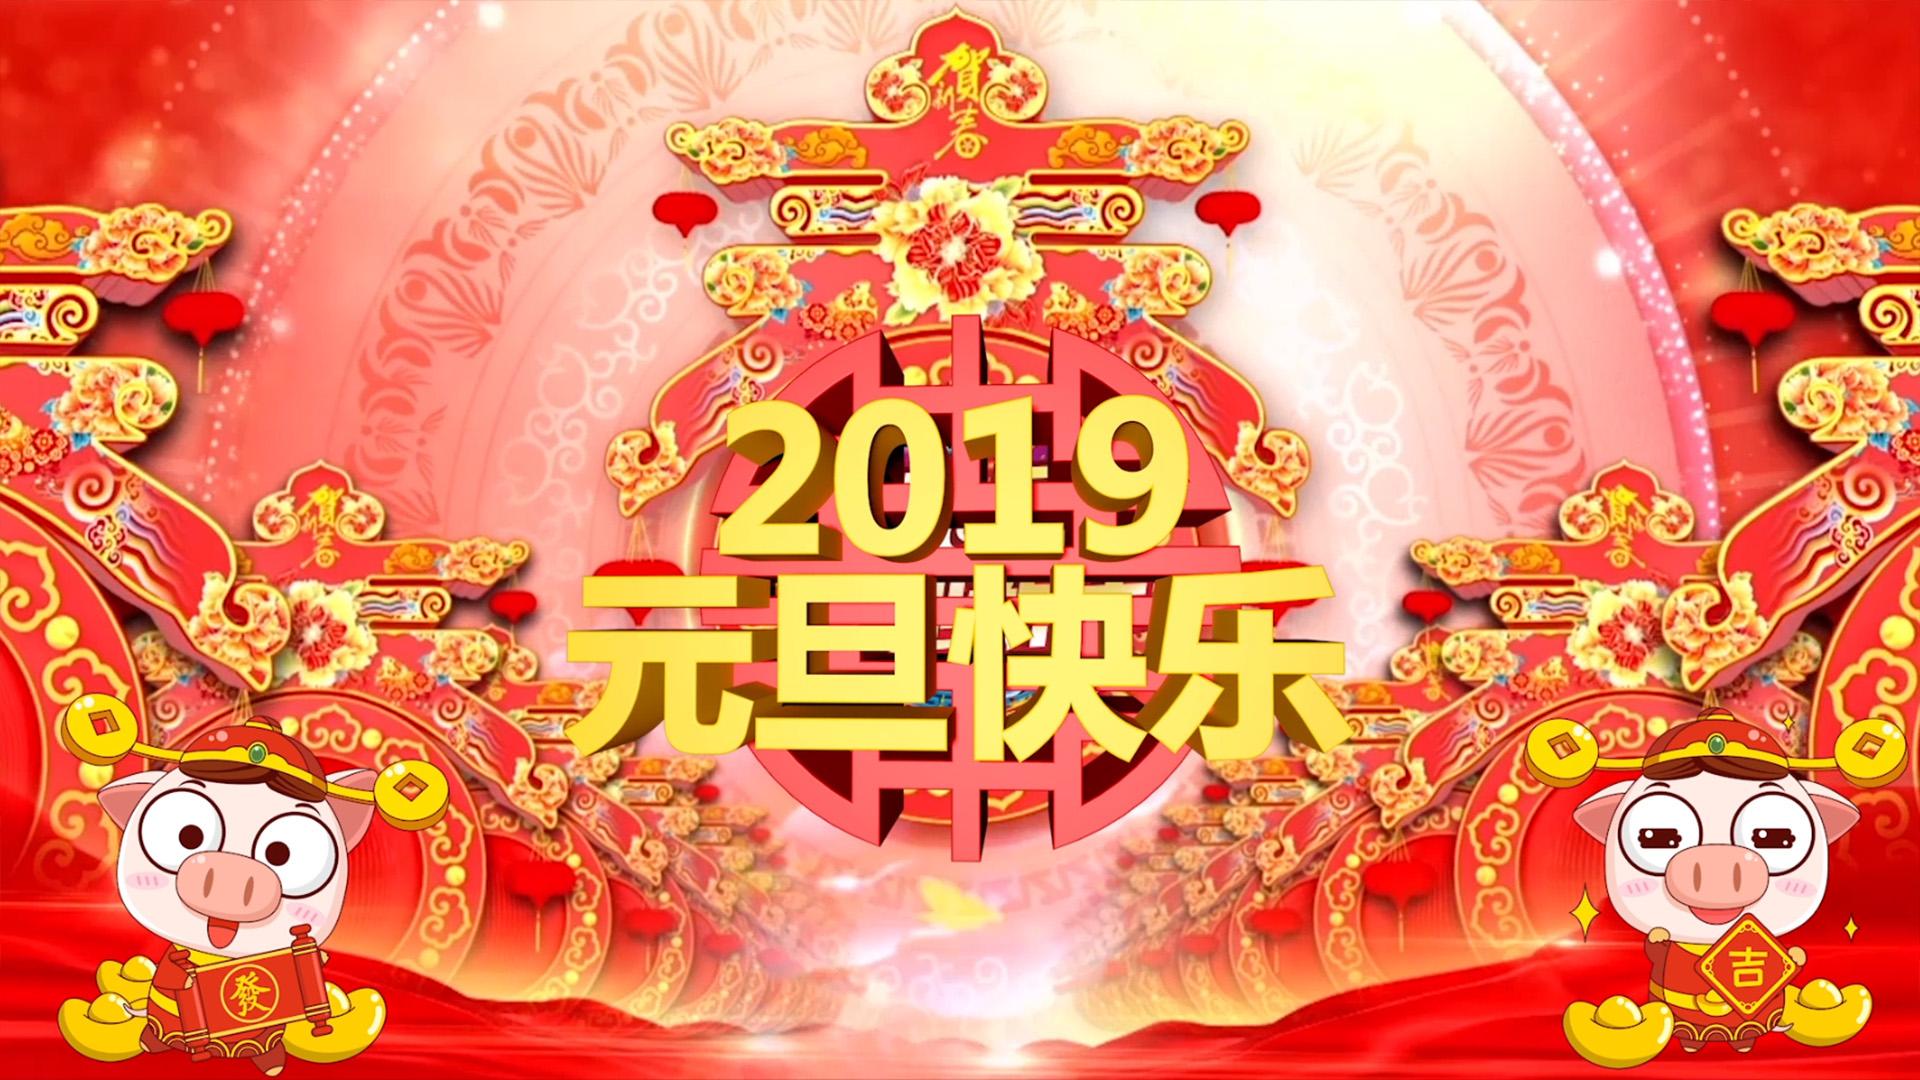 2019元旦快乐背景